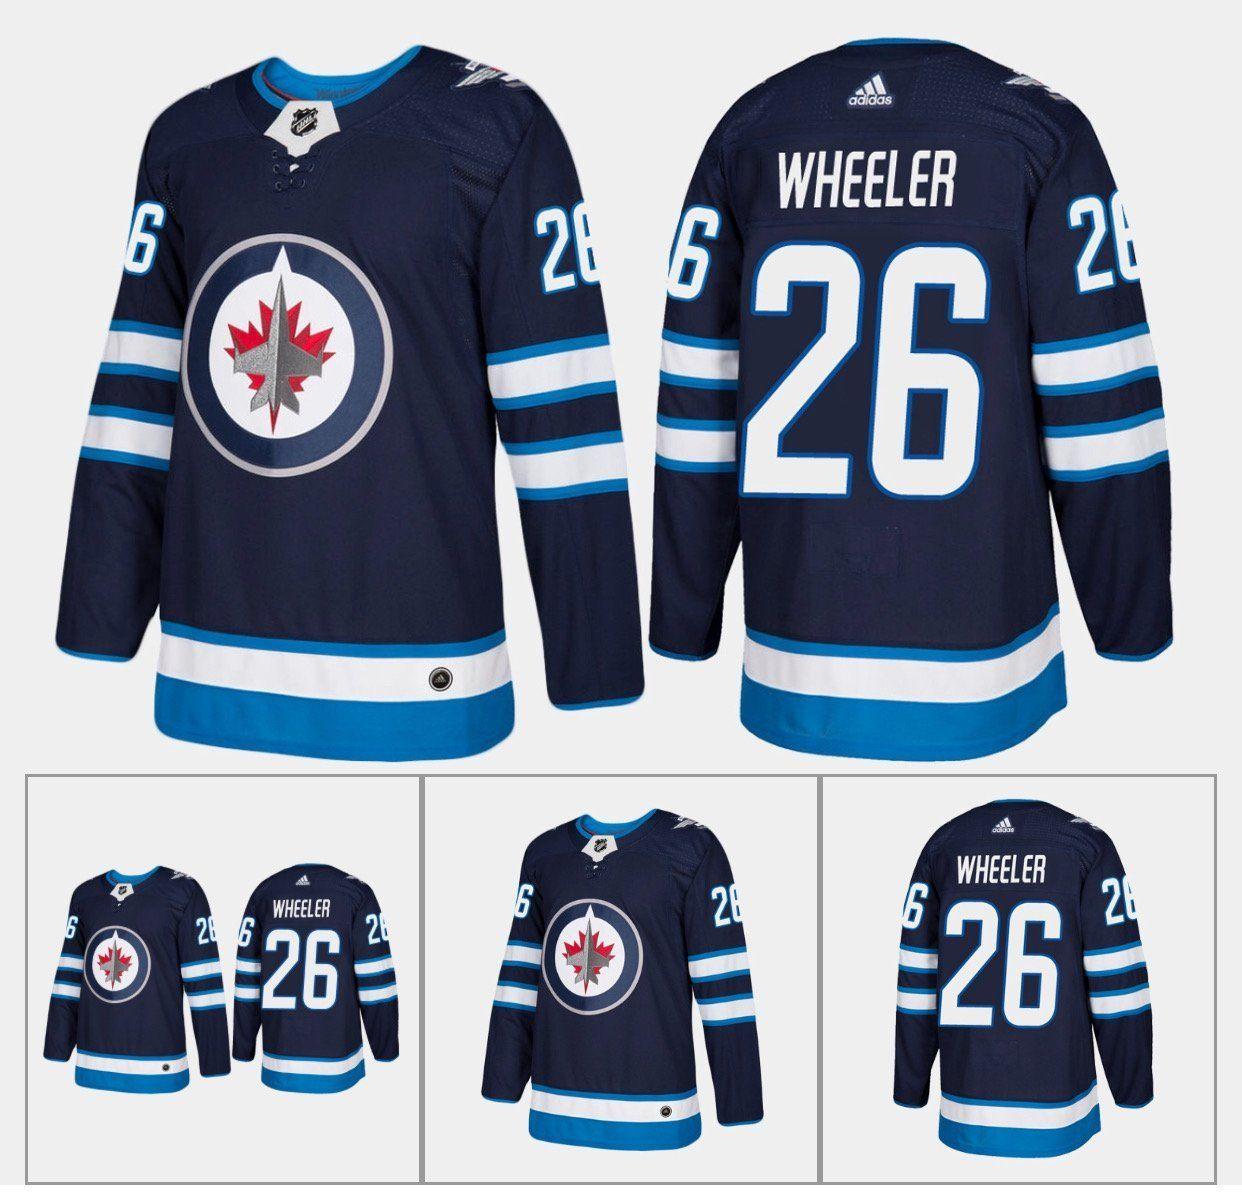 Winnipeg Jets Premier Adidas NHL Home & Road Jerseys Nhl